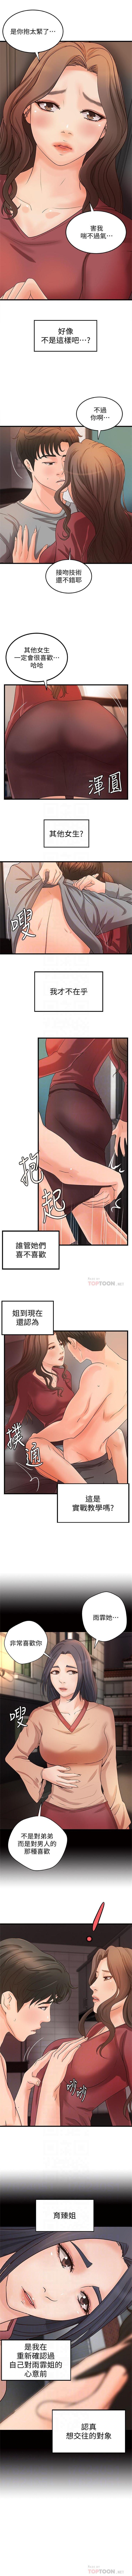 御姐的實戰教學 1-24 官方中文(連載中) 150